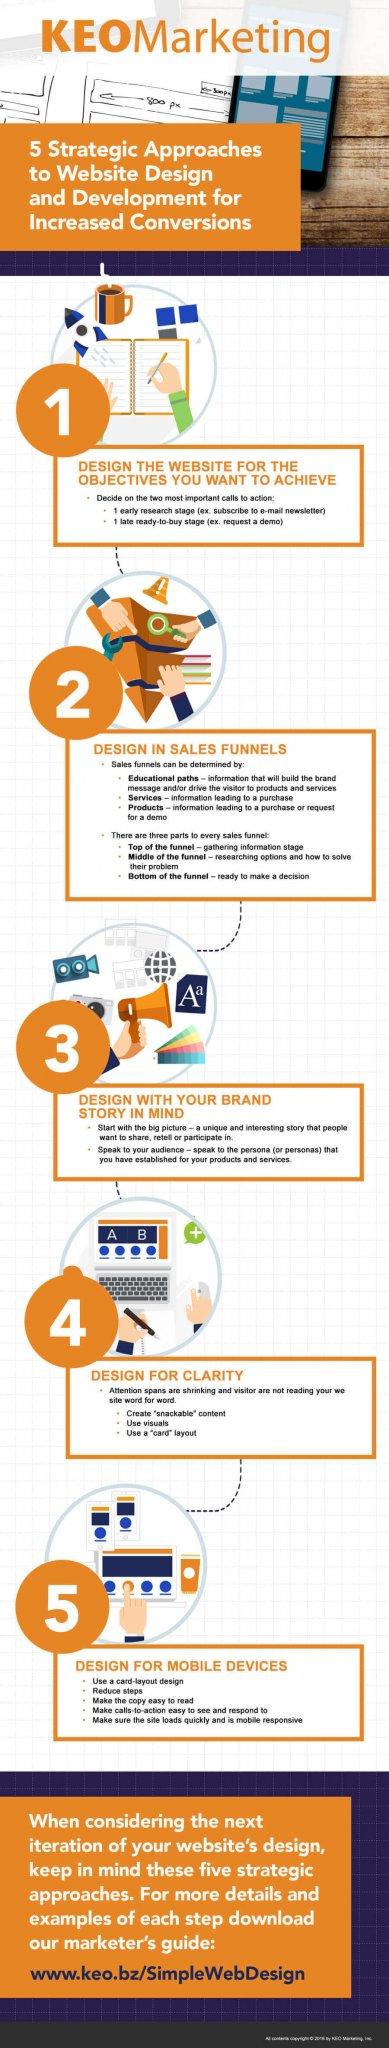 KOE-infographic-web_design-900pxW